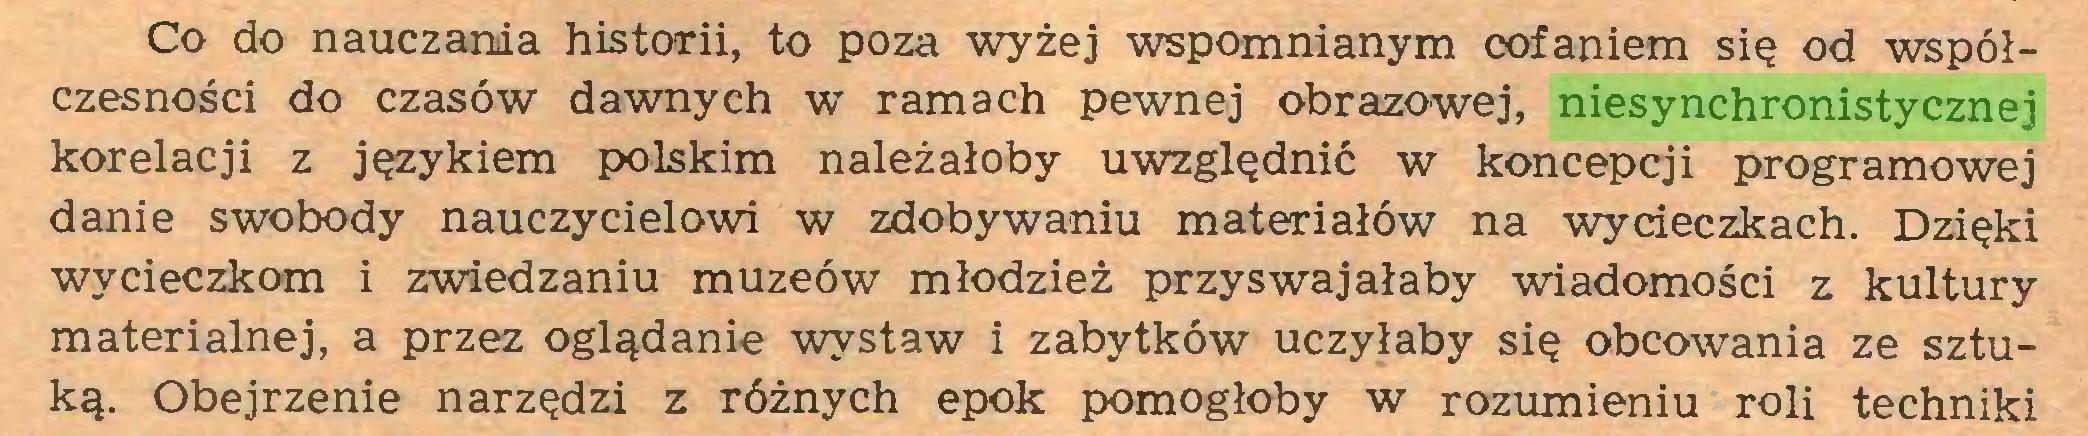 (...) Co do nauczania historii, to poza wyżej wspomnianym cofaniem się od współczesności do czasów dawnych w ramach pewnej obrazowej, niesynchronistycznej korelacji z językiem polskim należałoby uwzględnić w koncepcji programowej danie swobody nauczycielowi w zdobywaniu materiałów na wycieczkach. Dzięki wycieczkom i zwiedzaniu muzeów młodzież przyswajałaby wiadomości z kultury materialnej, a przez oglądanie wystaw i zabytków uczyłaby się obcowania ze sztuką. Obejrzenie narzędzi z różnych epok pomogłoby w rozumieniu roli techniki...